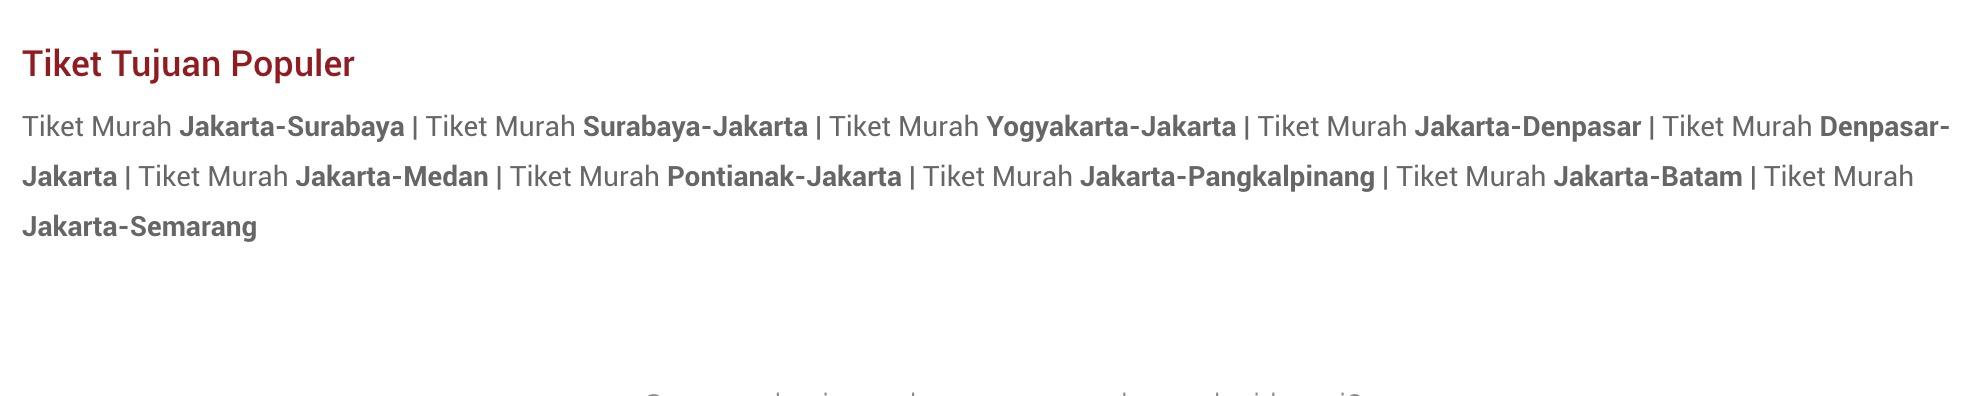 Tiket Tujuan Popular